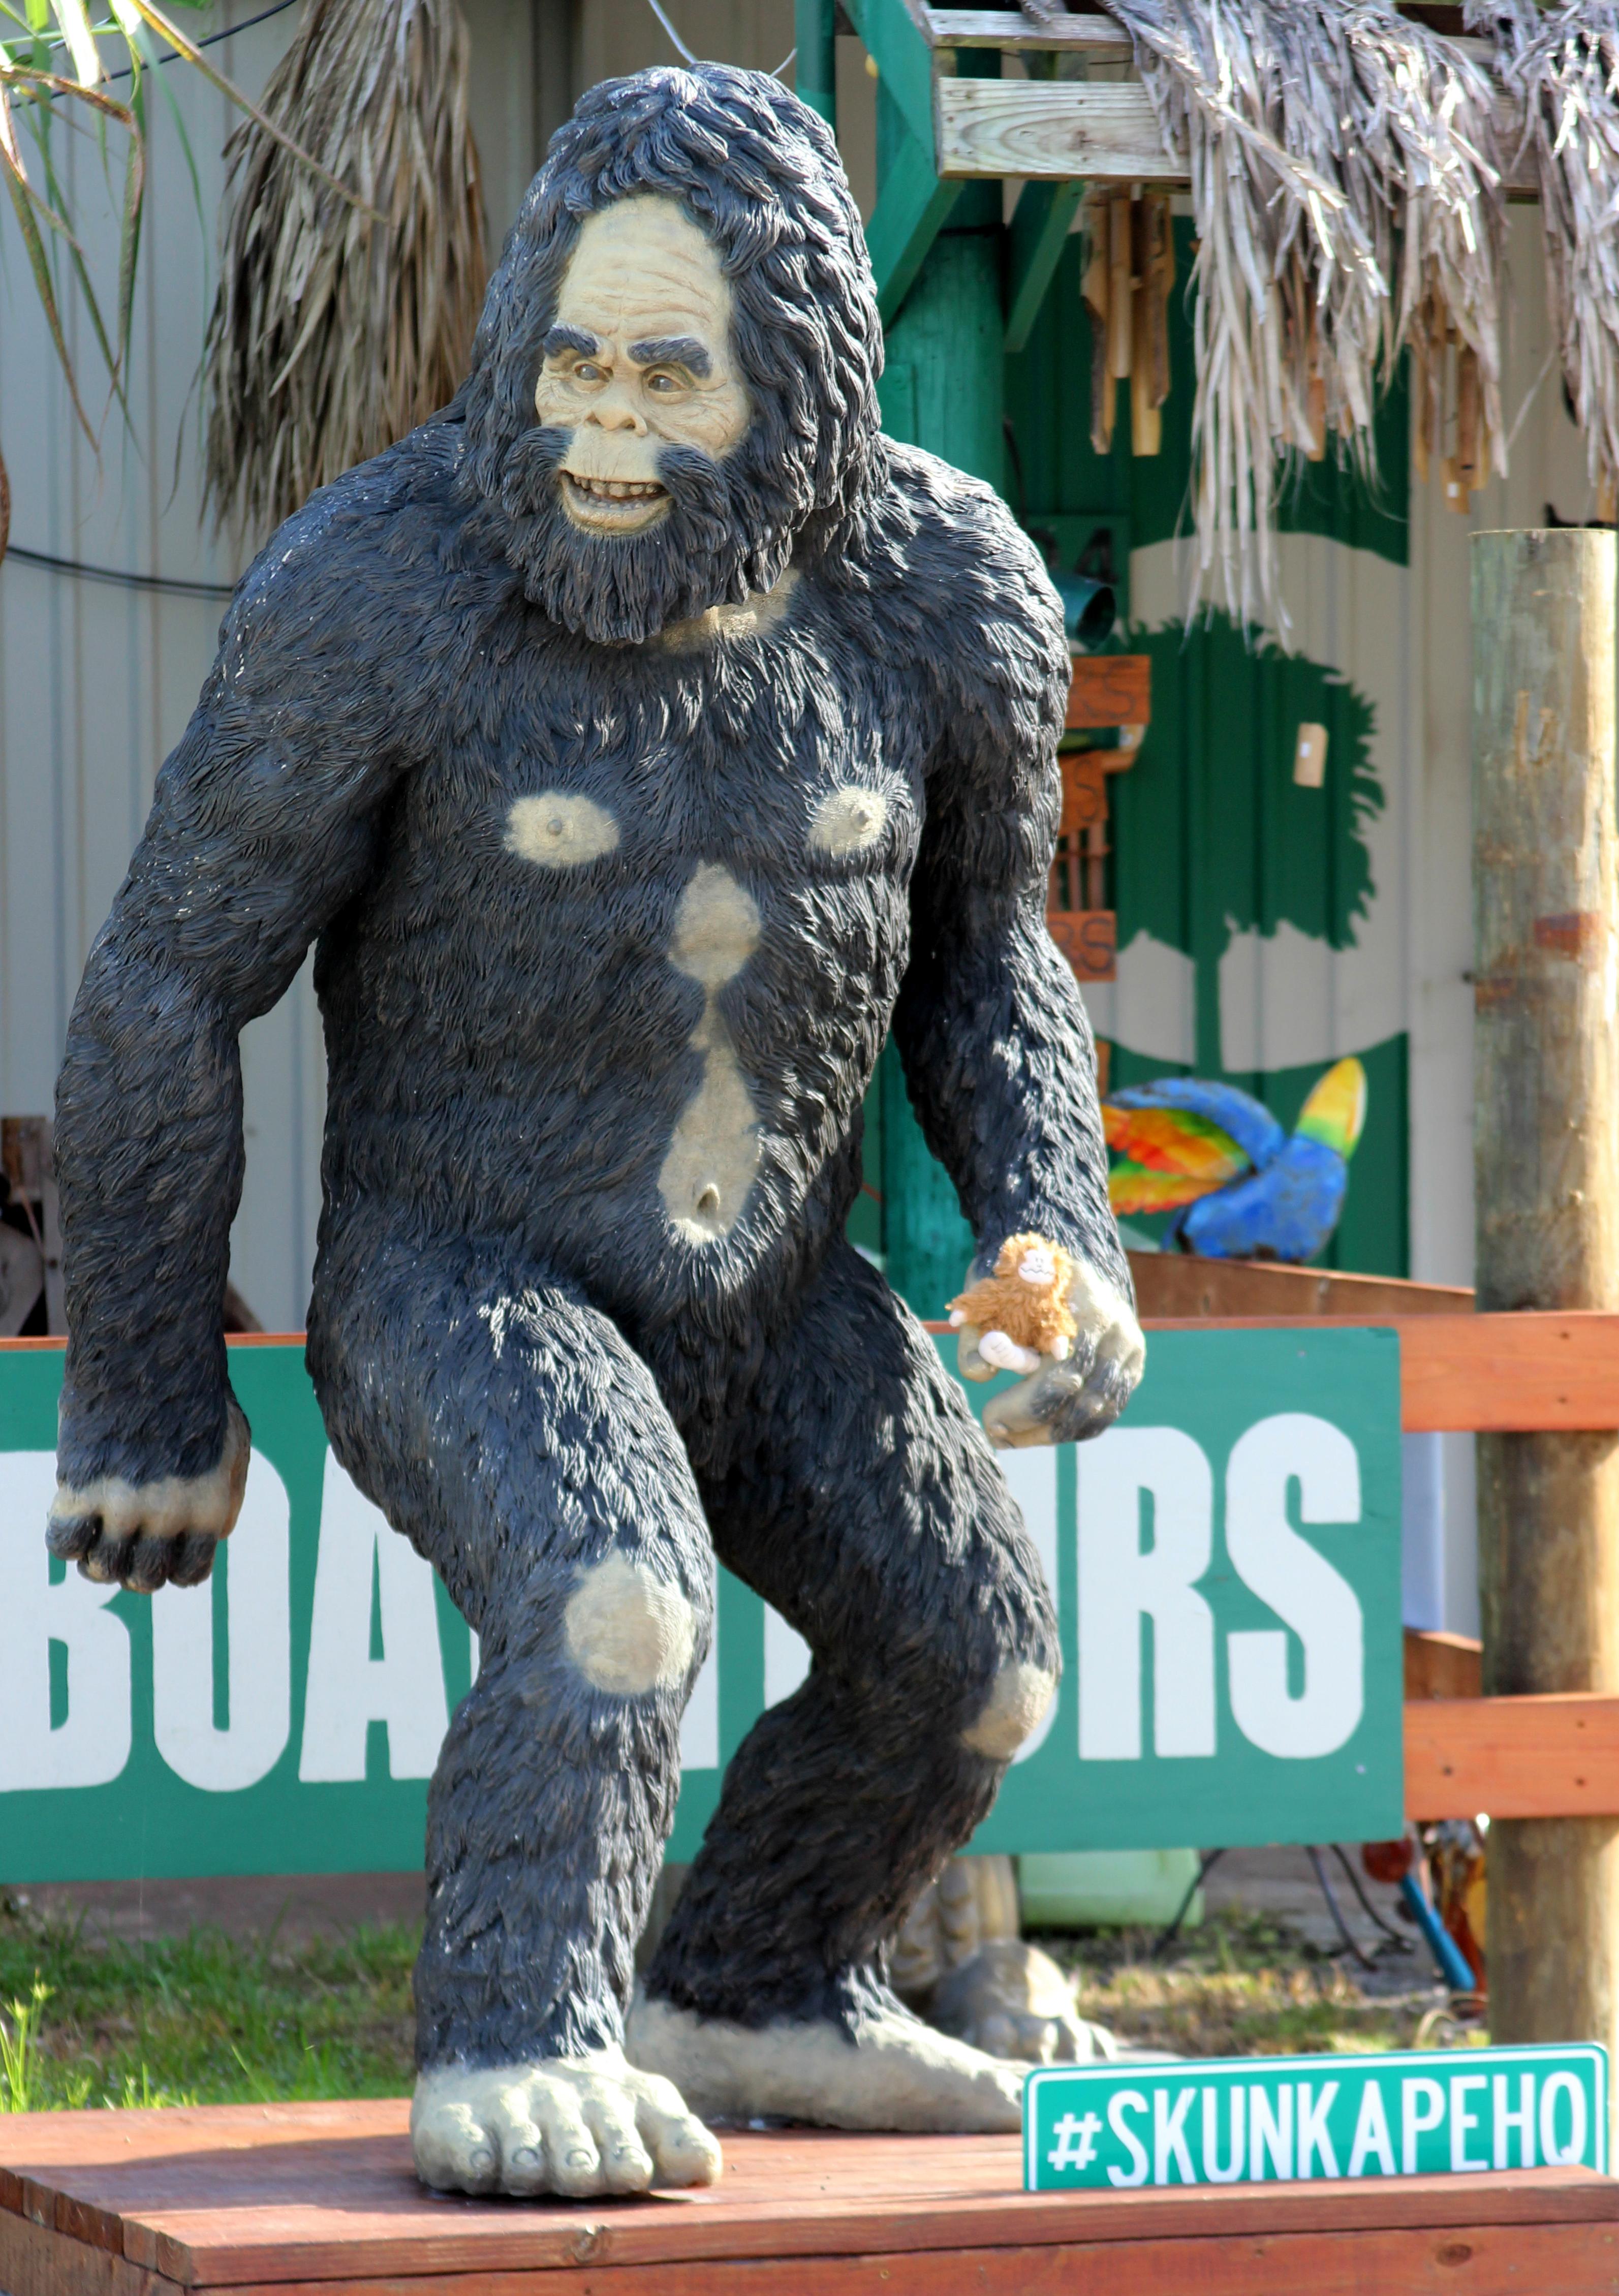 skunkape-or-bigfoot_35716971014_o